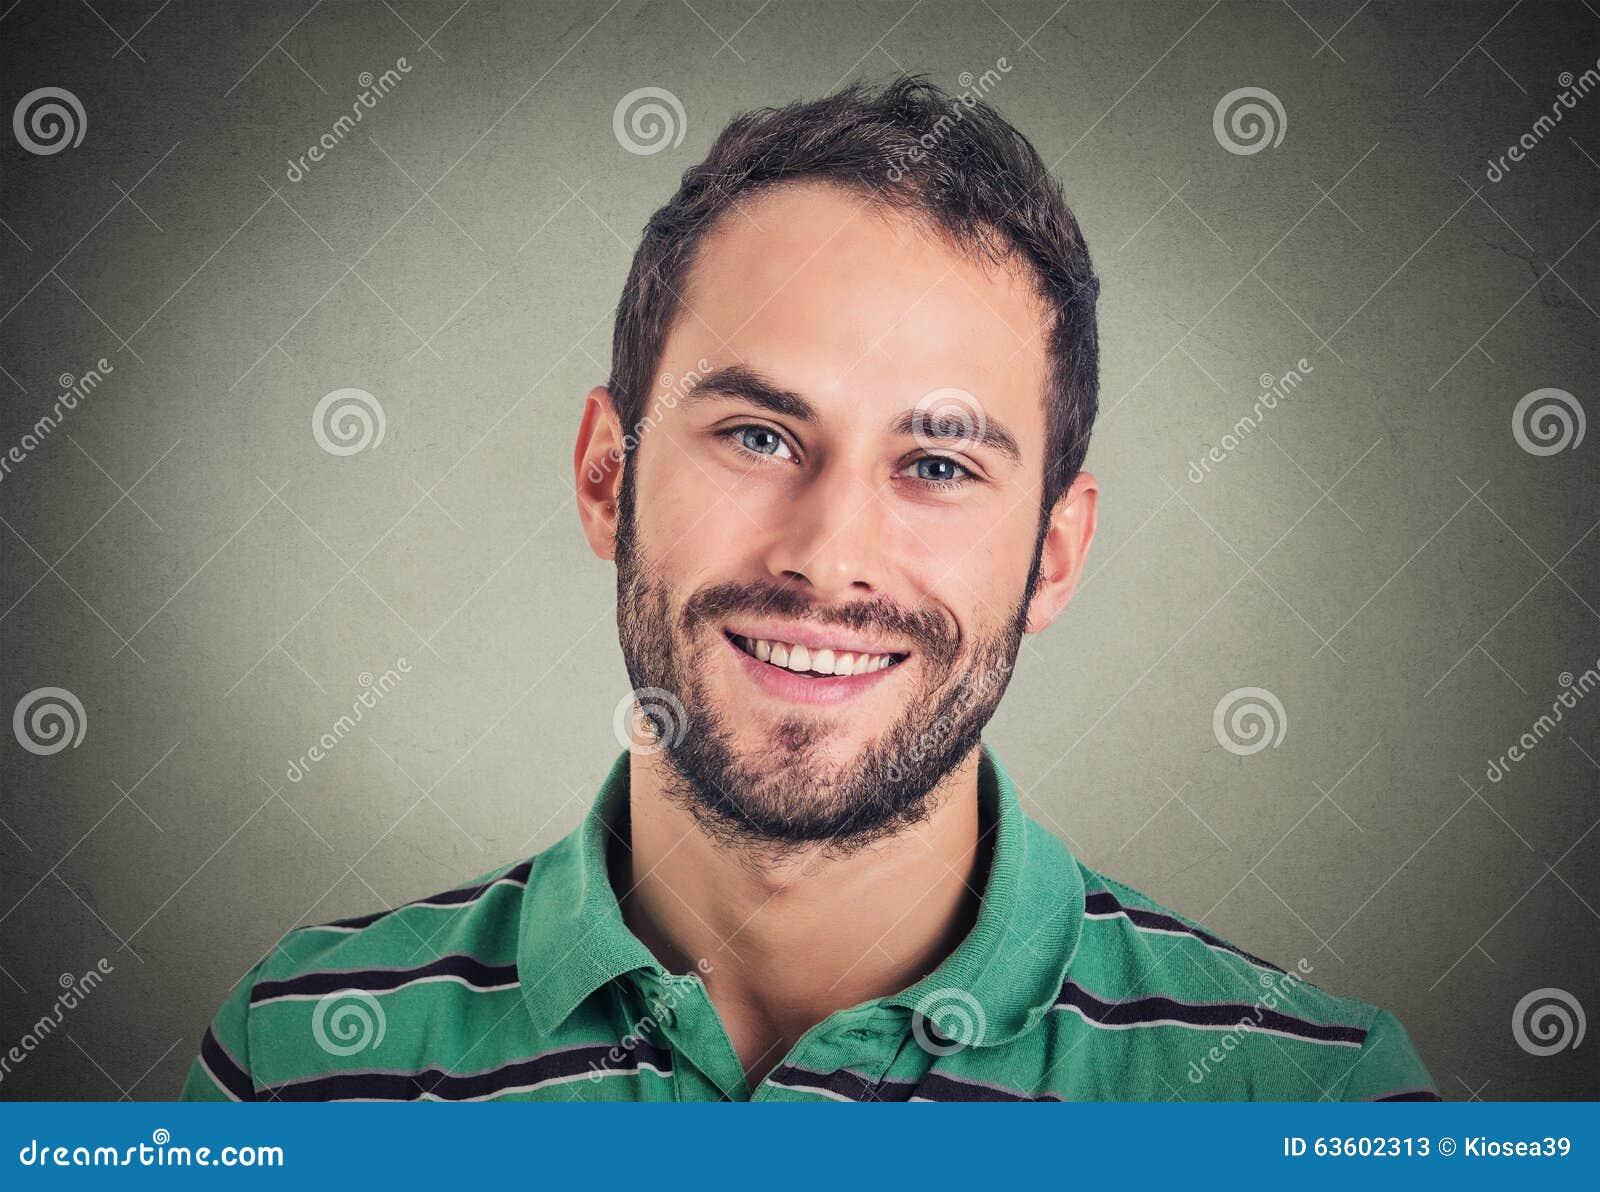 Χαμογελώντας άτομο Headshot, δημιουργικός επαγγελματίας